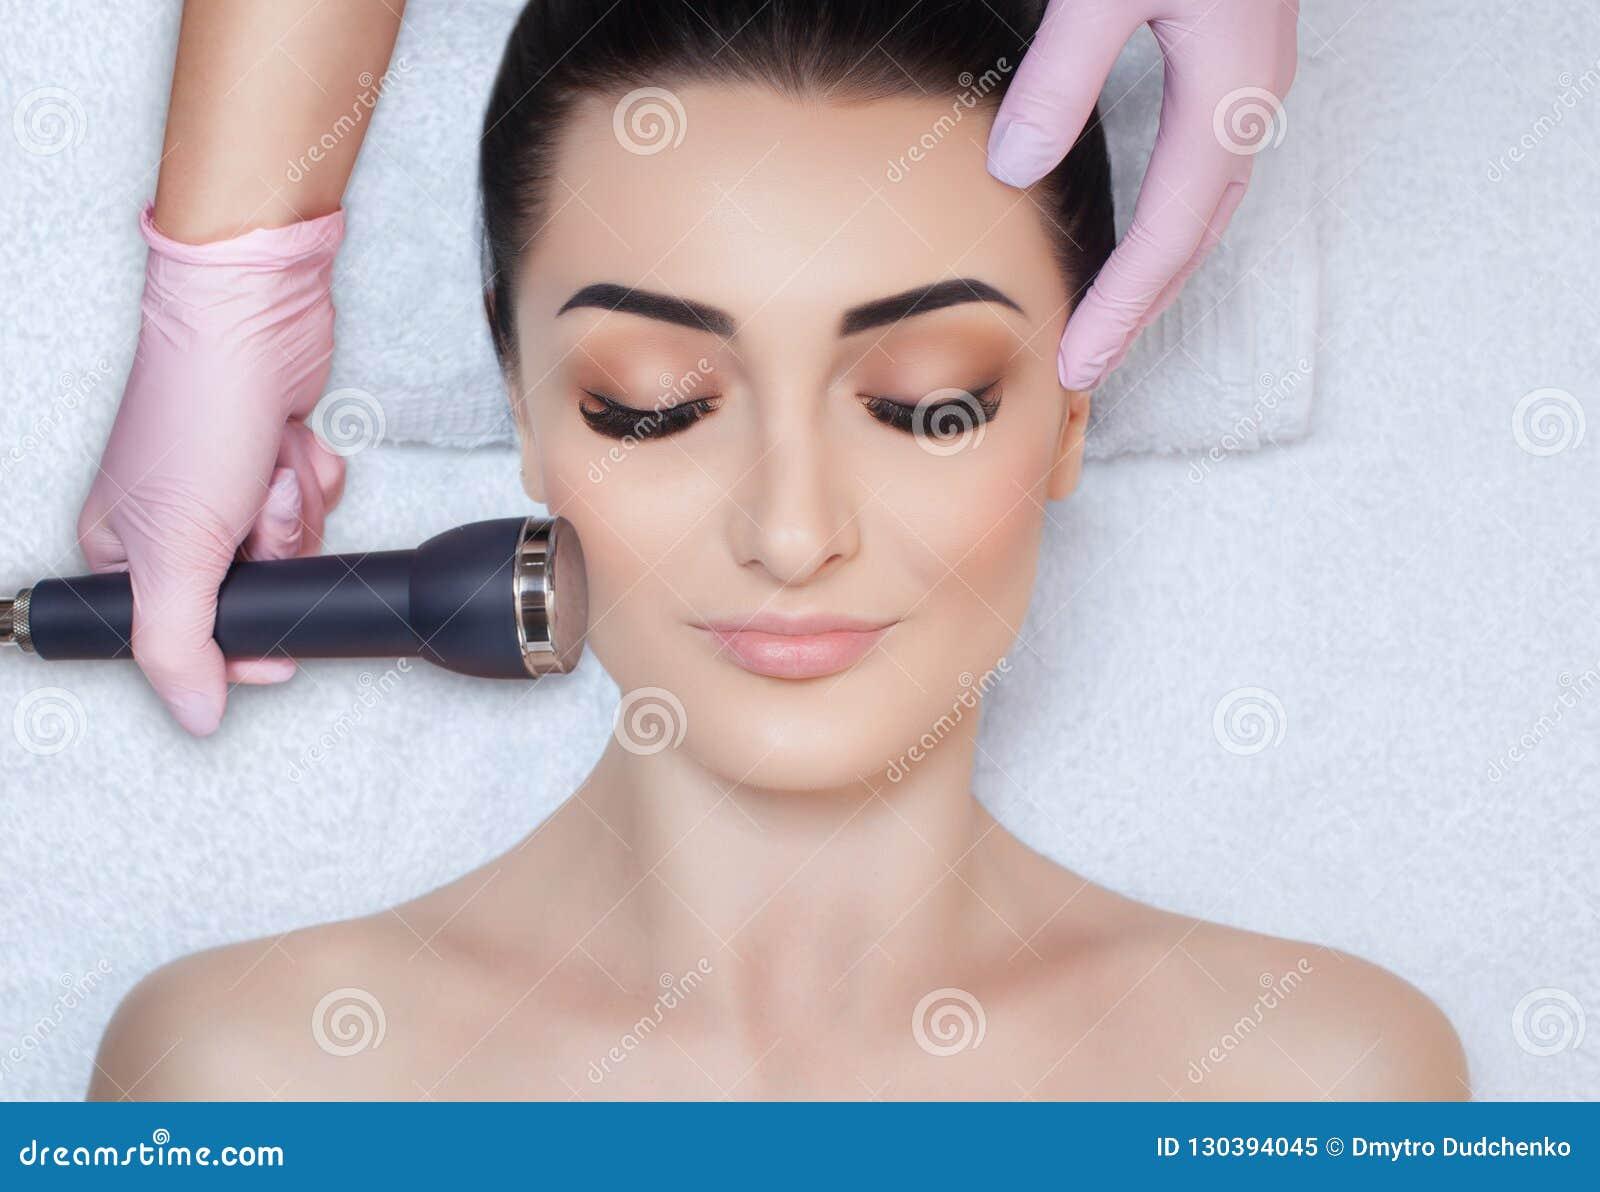 Cosmetologist robi procedurze ultrasonic cleaning twarzowa skóra piękny, młoda kobieta w piękno salonie